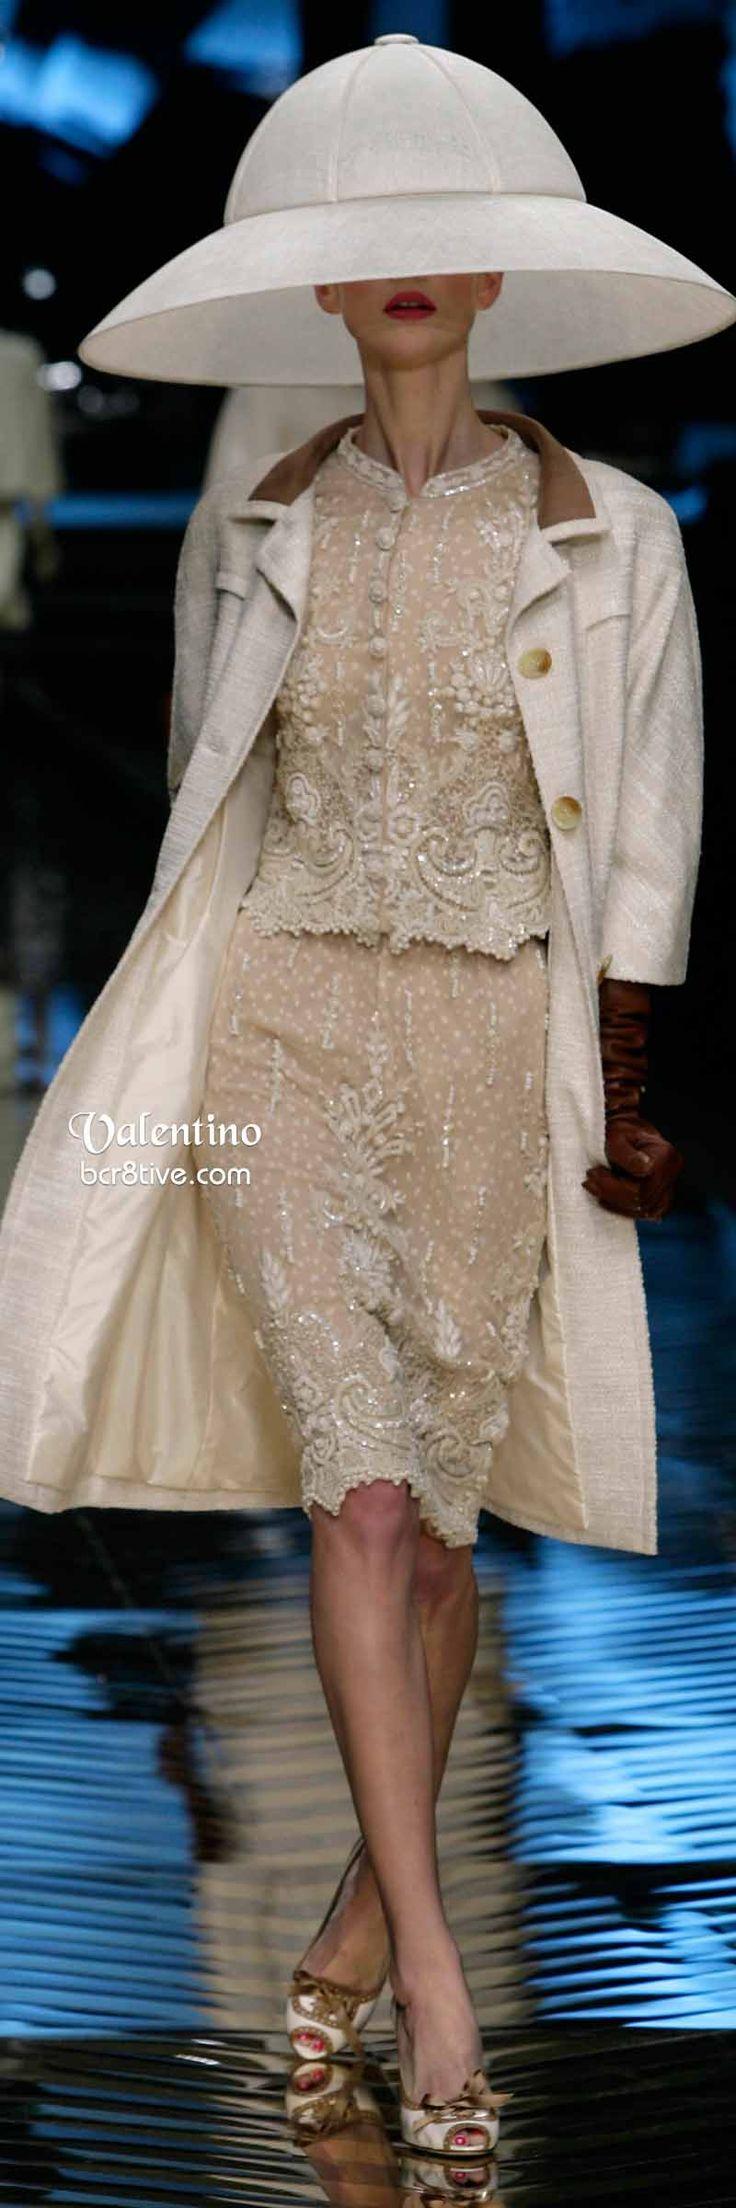 Valentino Dome Hat - Farewell Valentino Collection